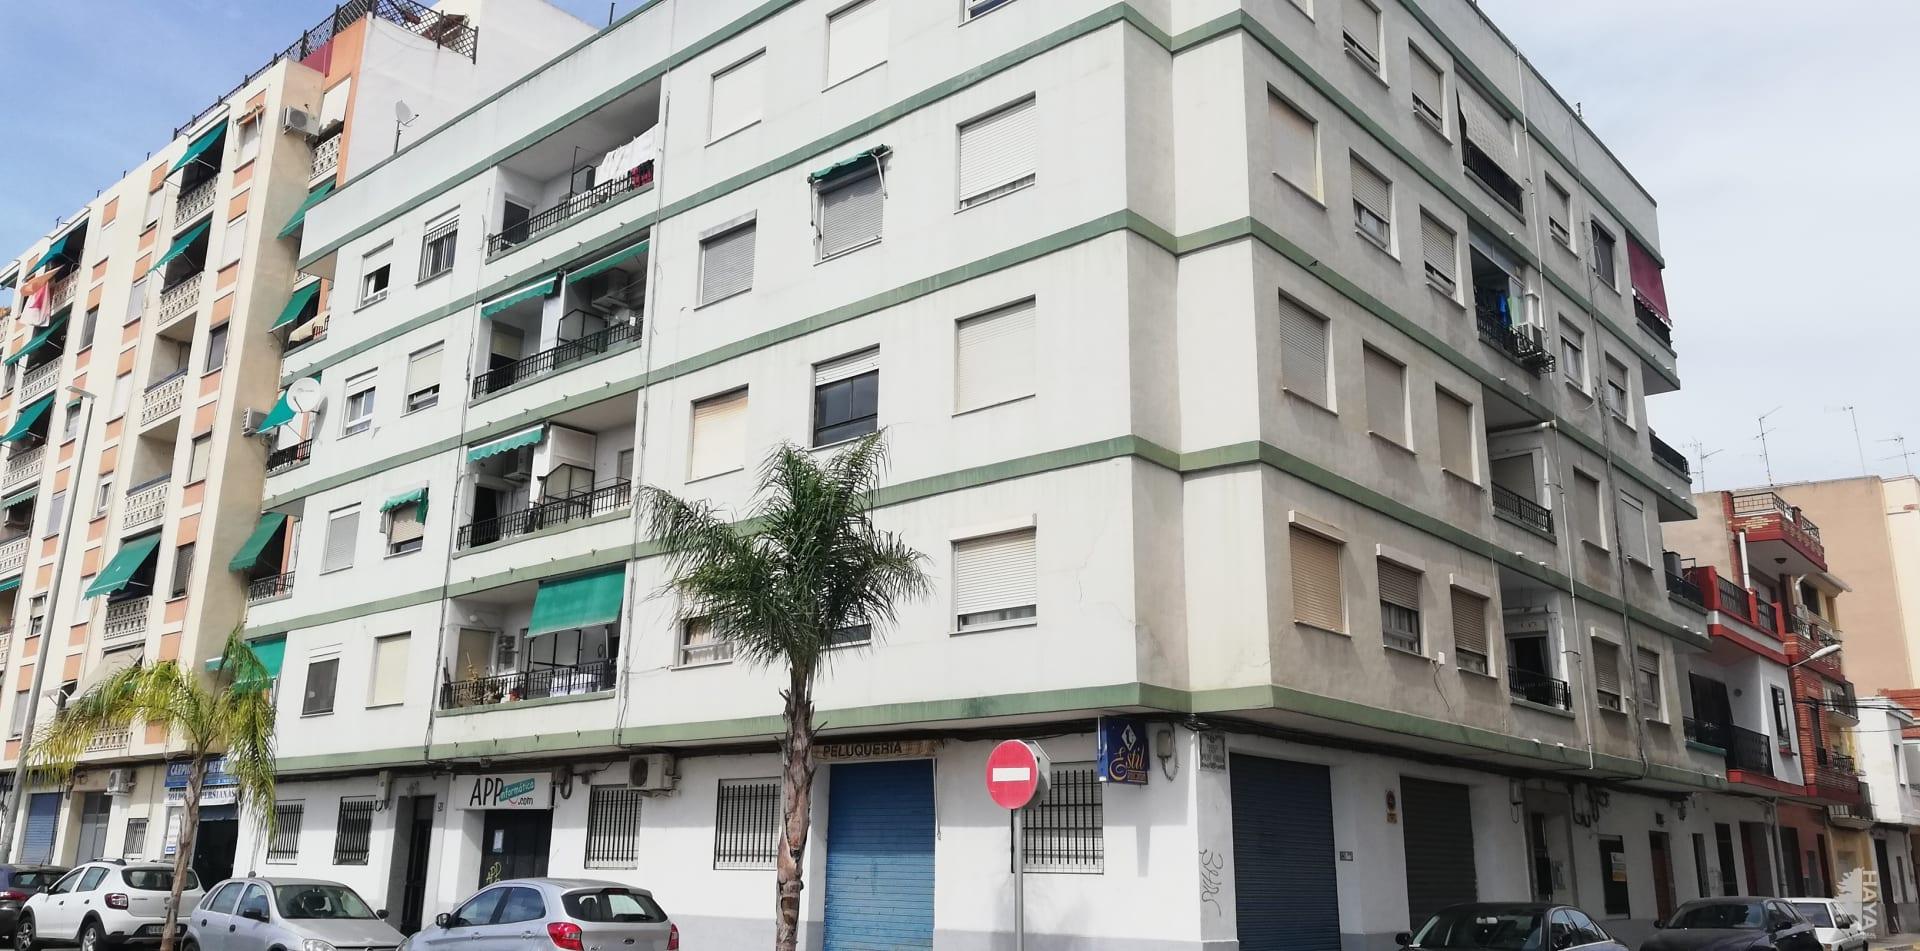 Piso en venta en Puig, Valencia, Avenida Valencia, 50.715 €, 3 habitaciones, 1 baño, 81 m2